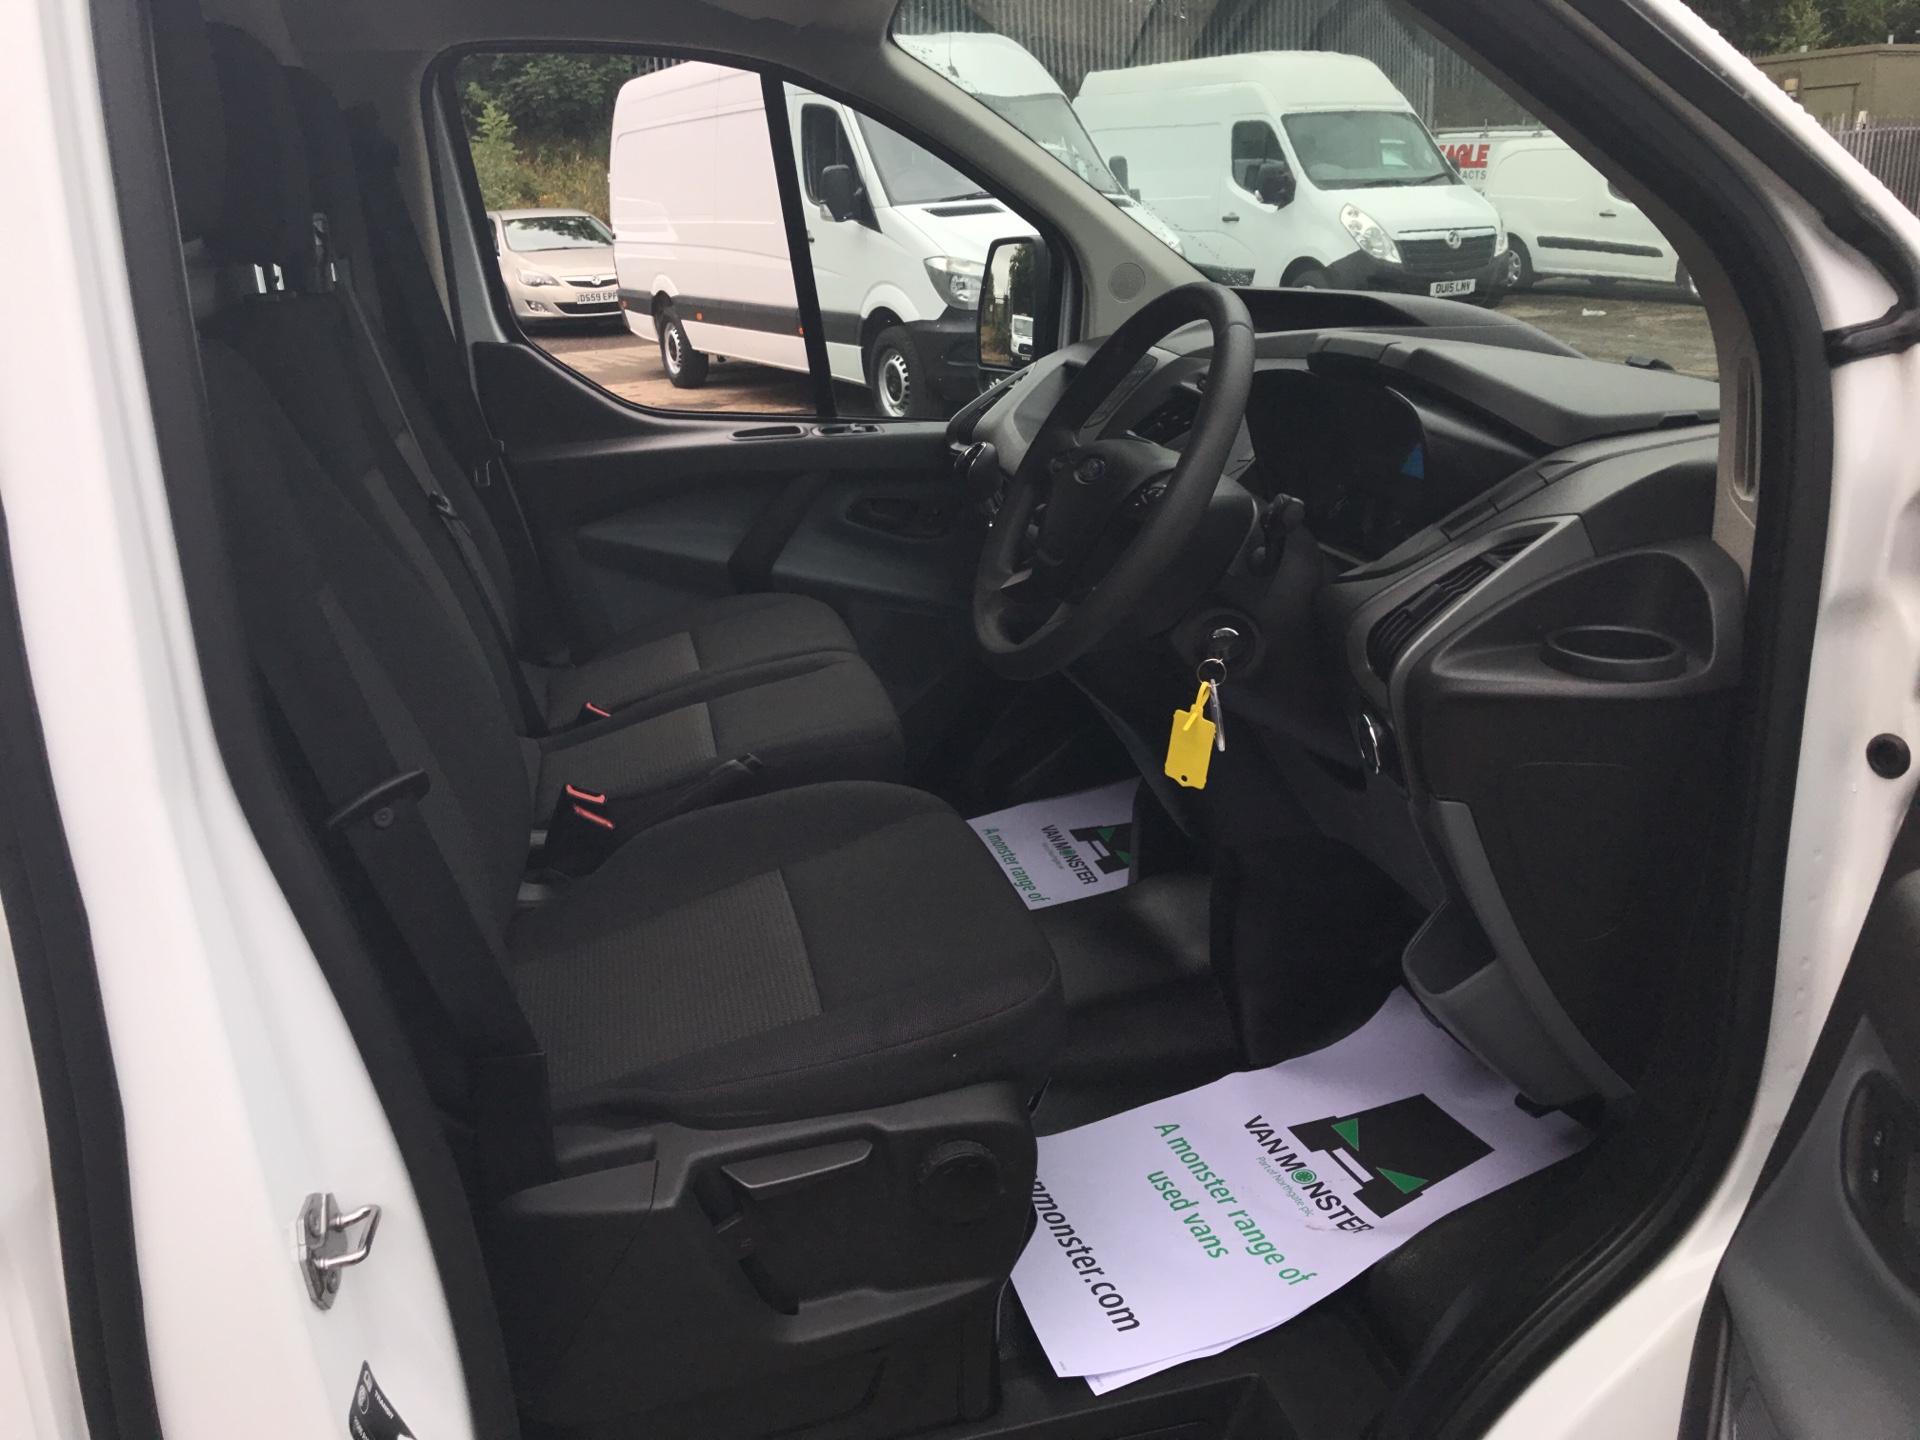 2017 Ford Transit Custom 270 L1 DIESEL FWD 2.2 TDCI 105PS LOW ROOF VAN EURO 5 (SK17ZYG) Image 9